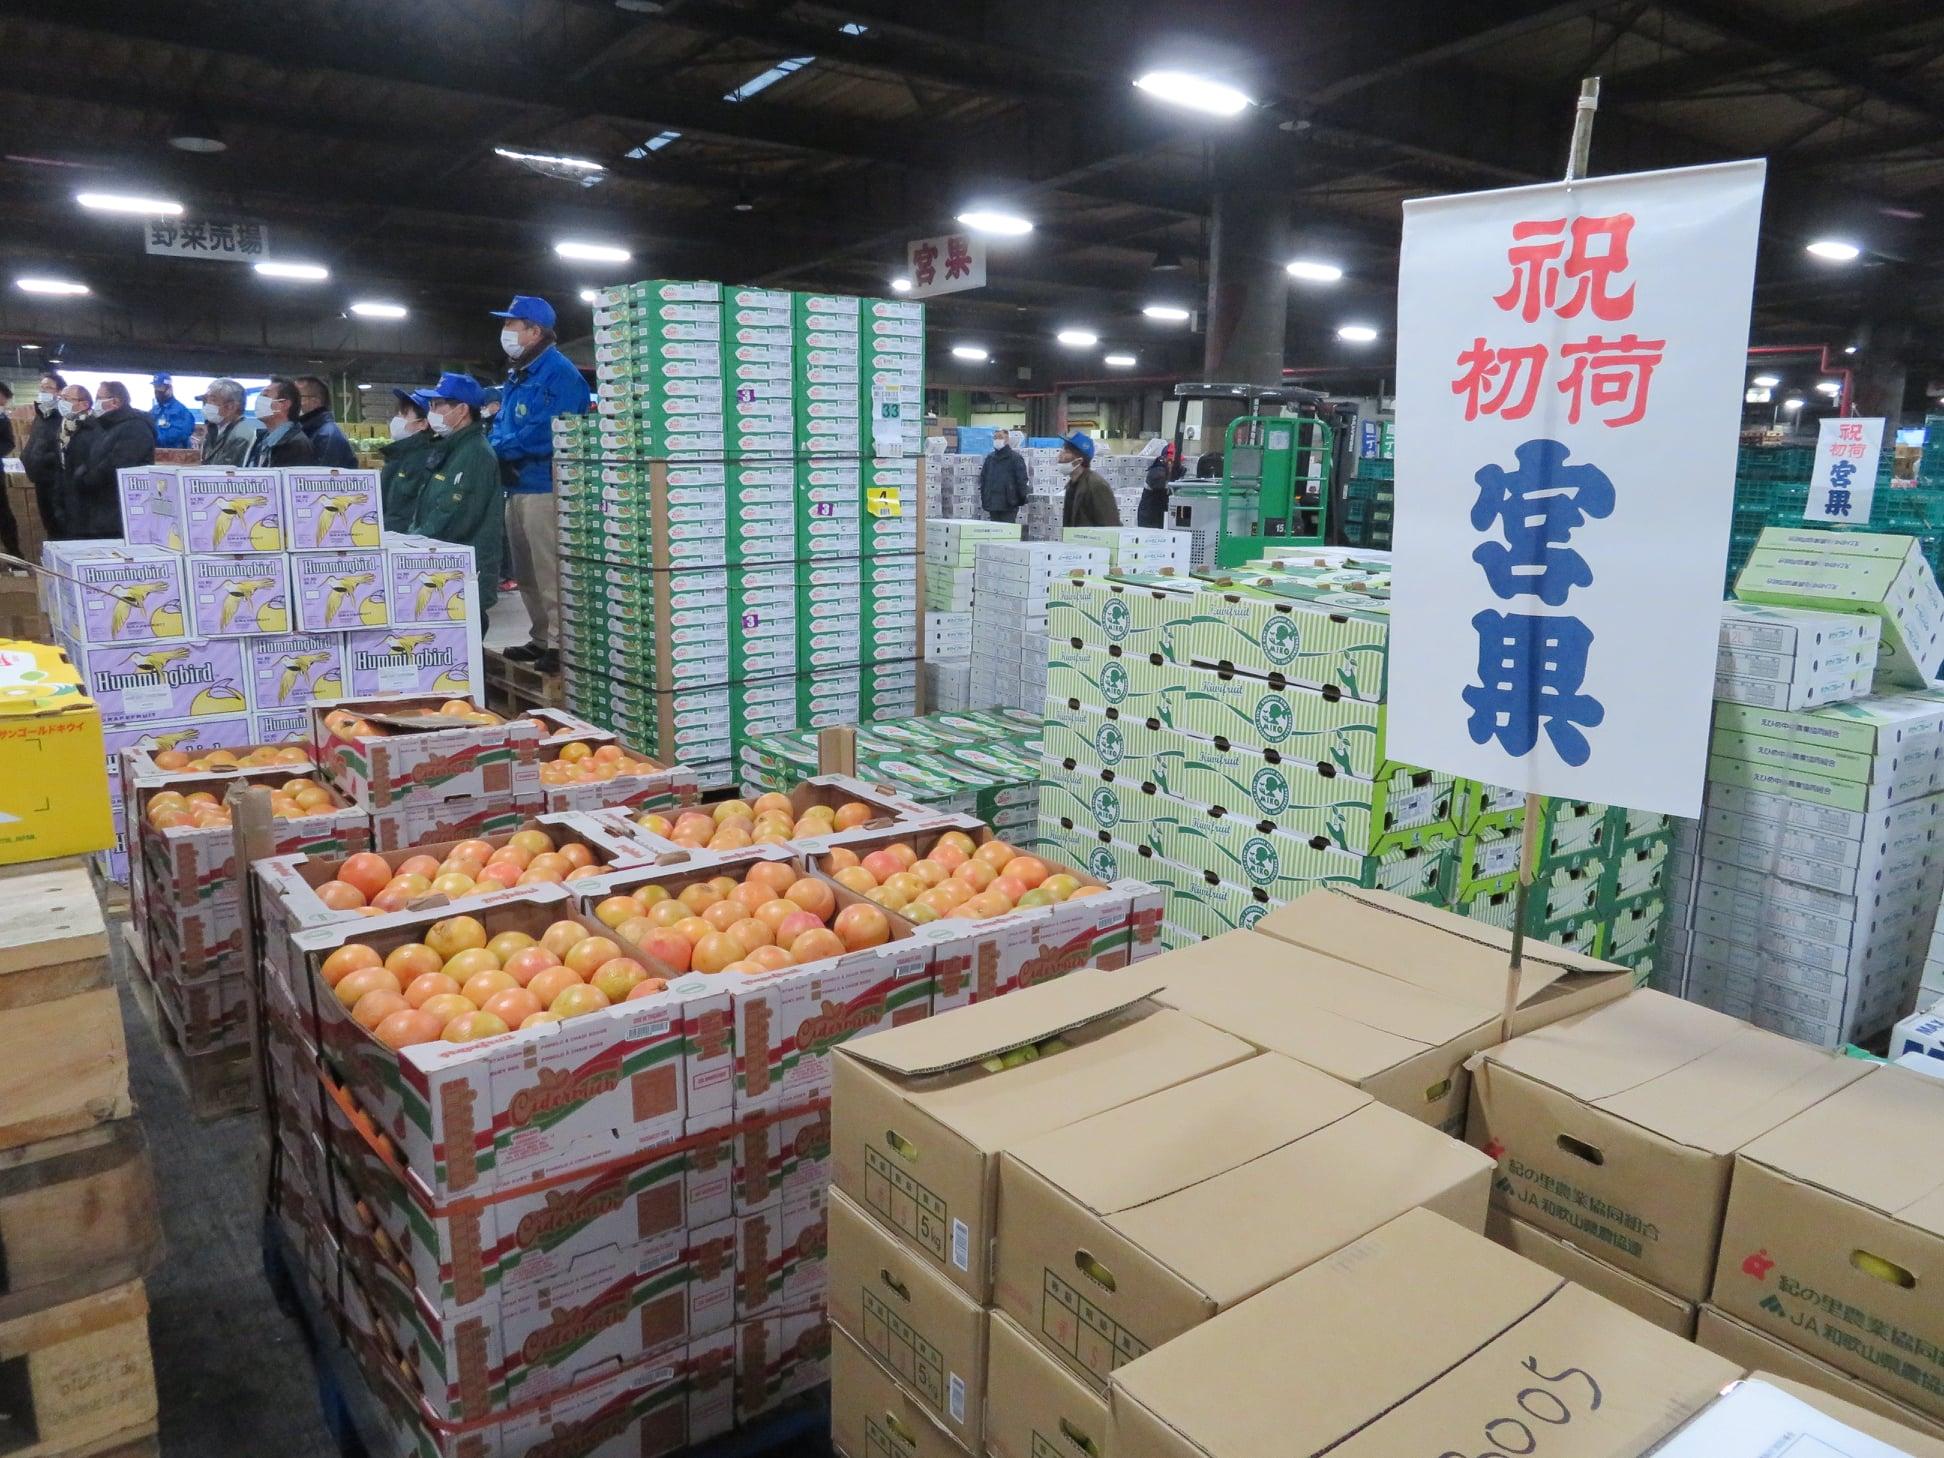 仙台市中央卸売市場業務開始式(水産物部、青果部、関連事業者)に出席いたしました。